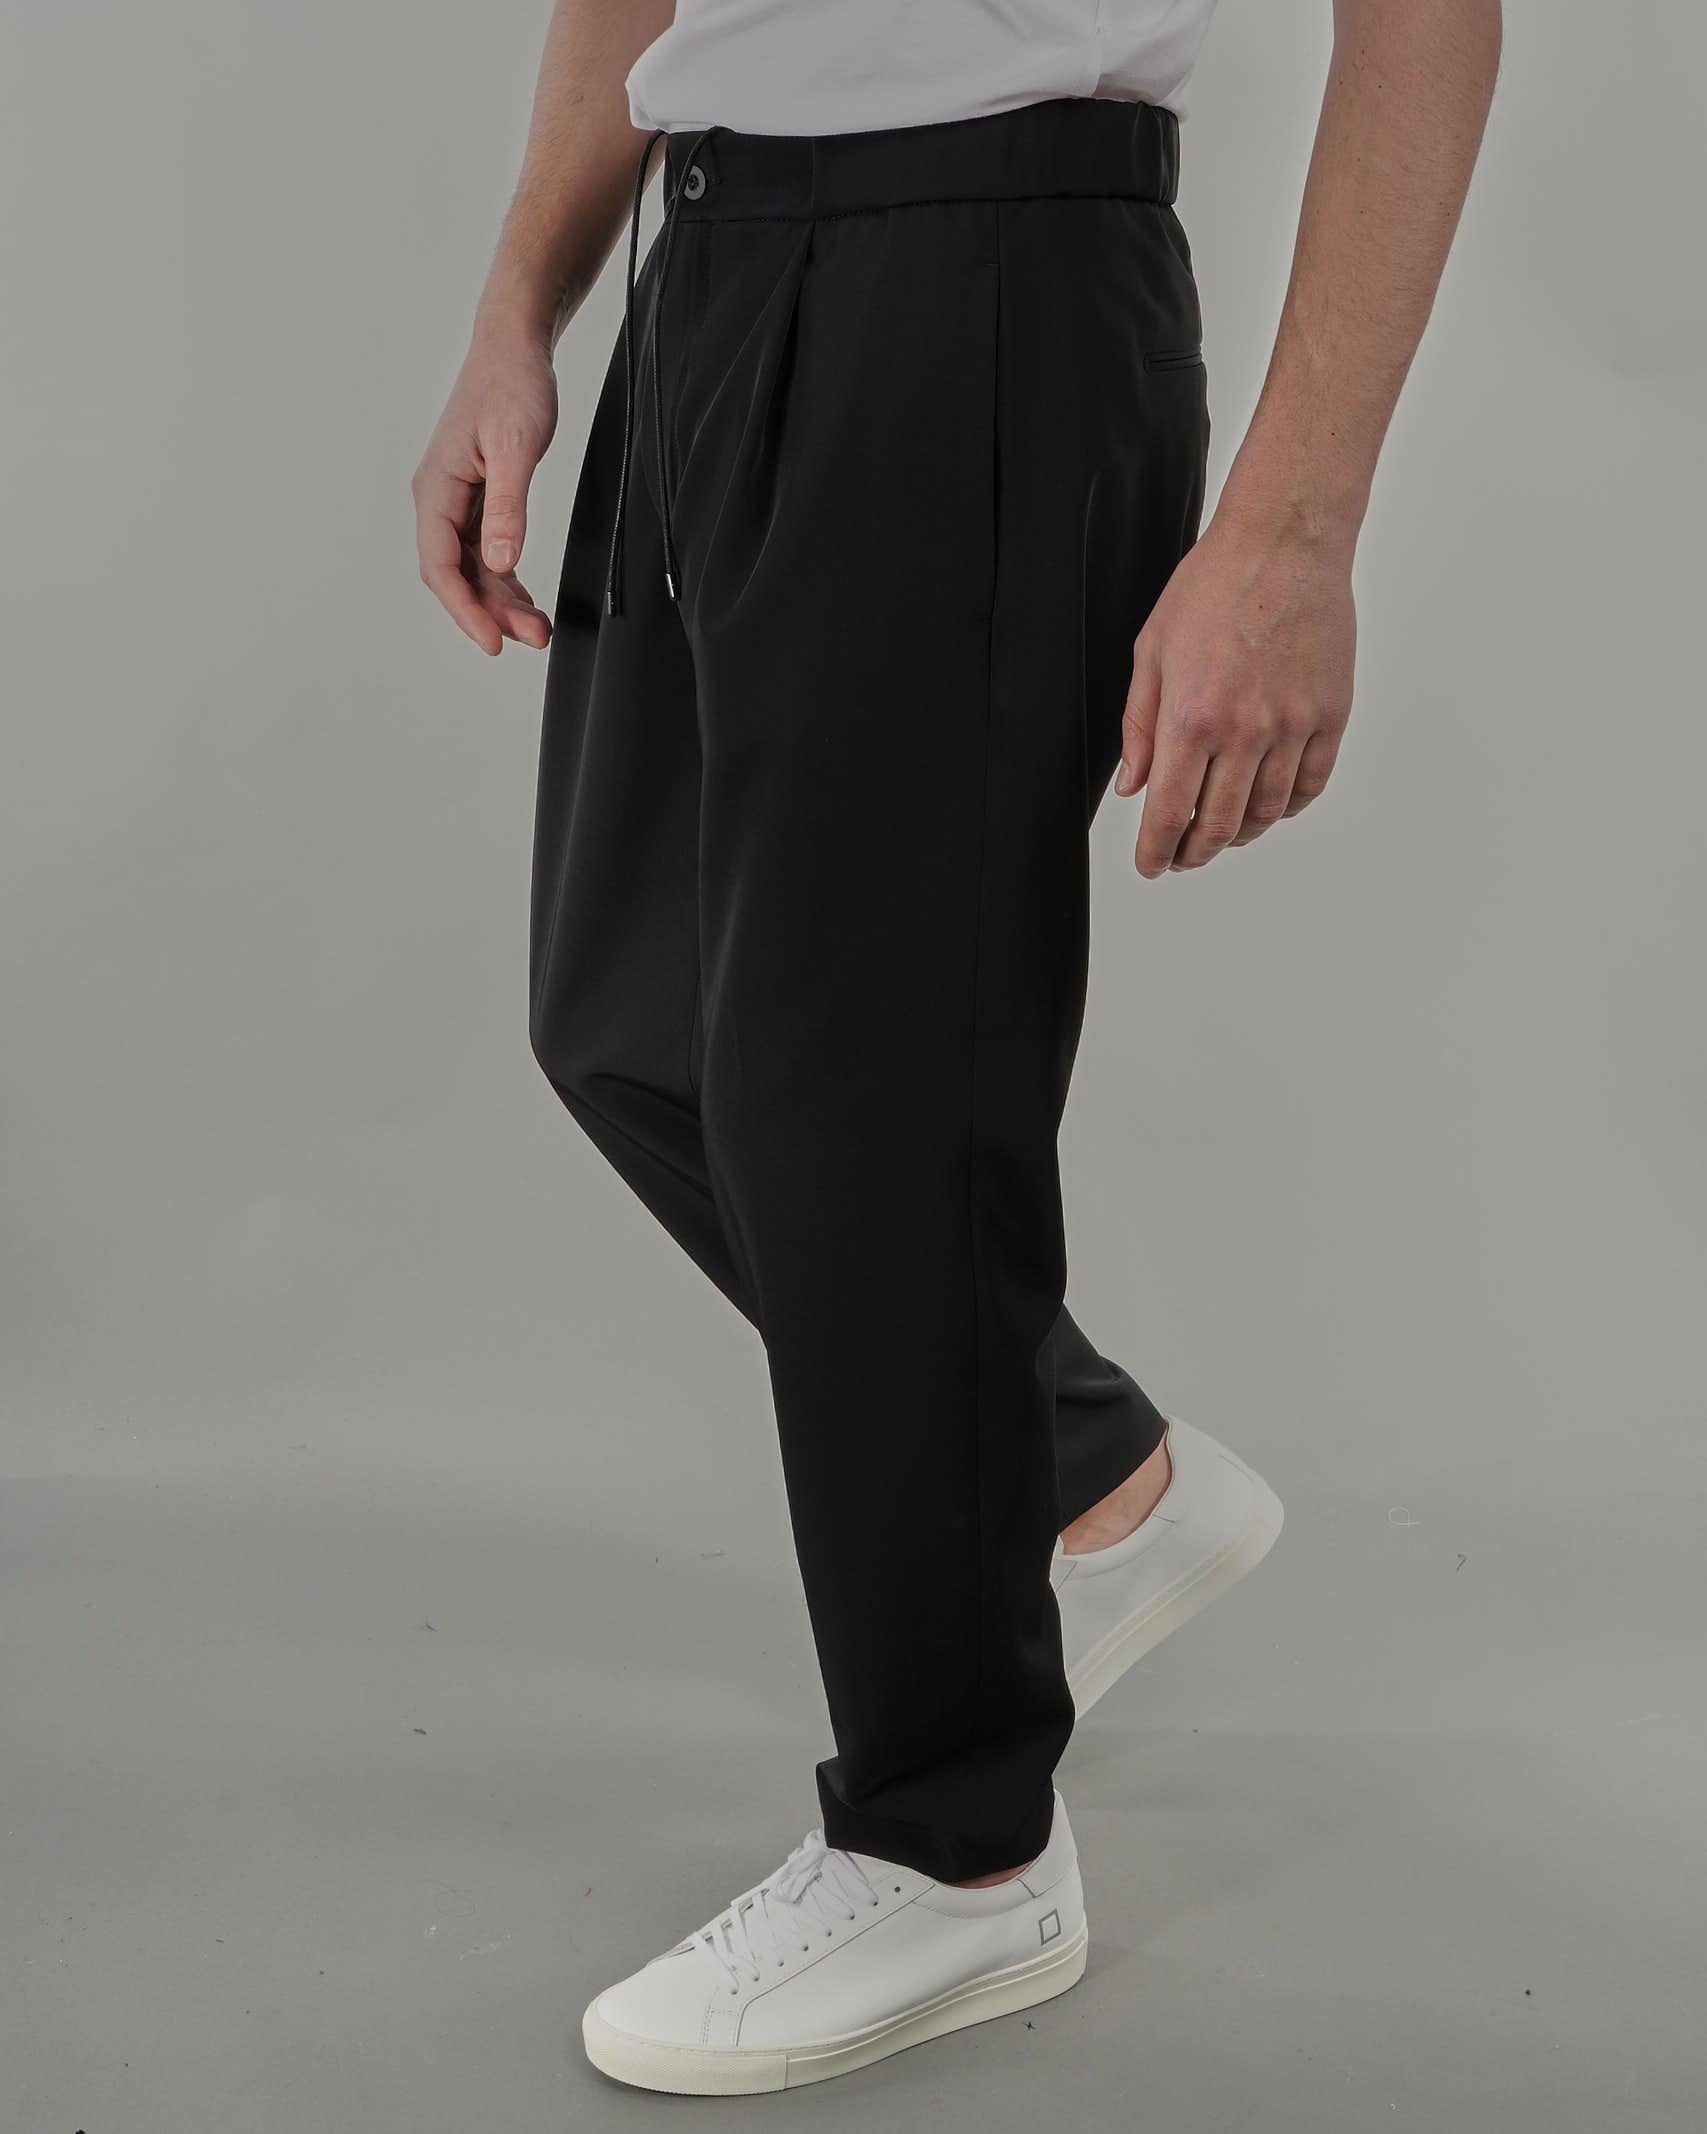 Pantalone con elastico in vita e coulisse Michael Coal MICHAEL COAL   Pantalone   LEN35200S21NERO